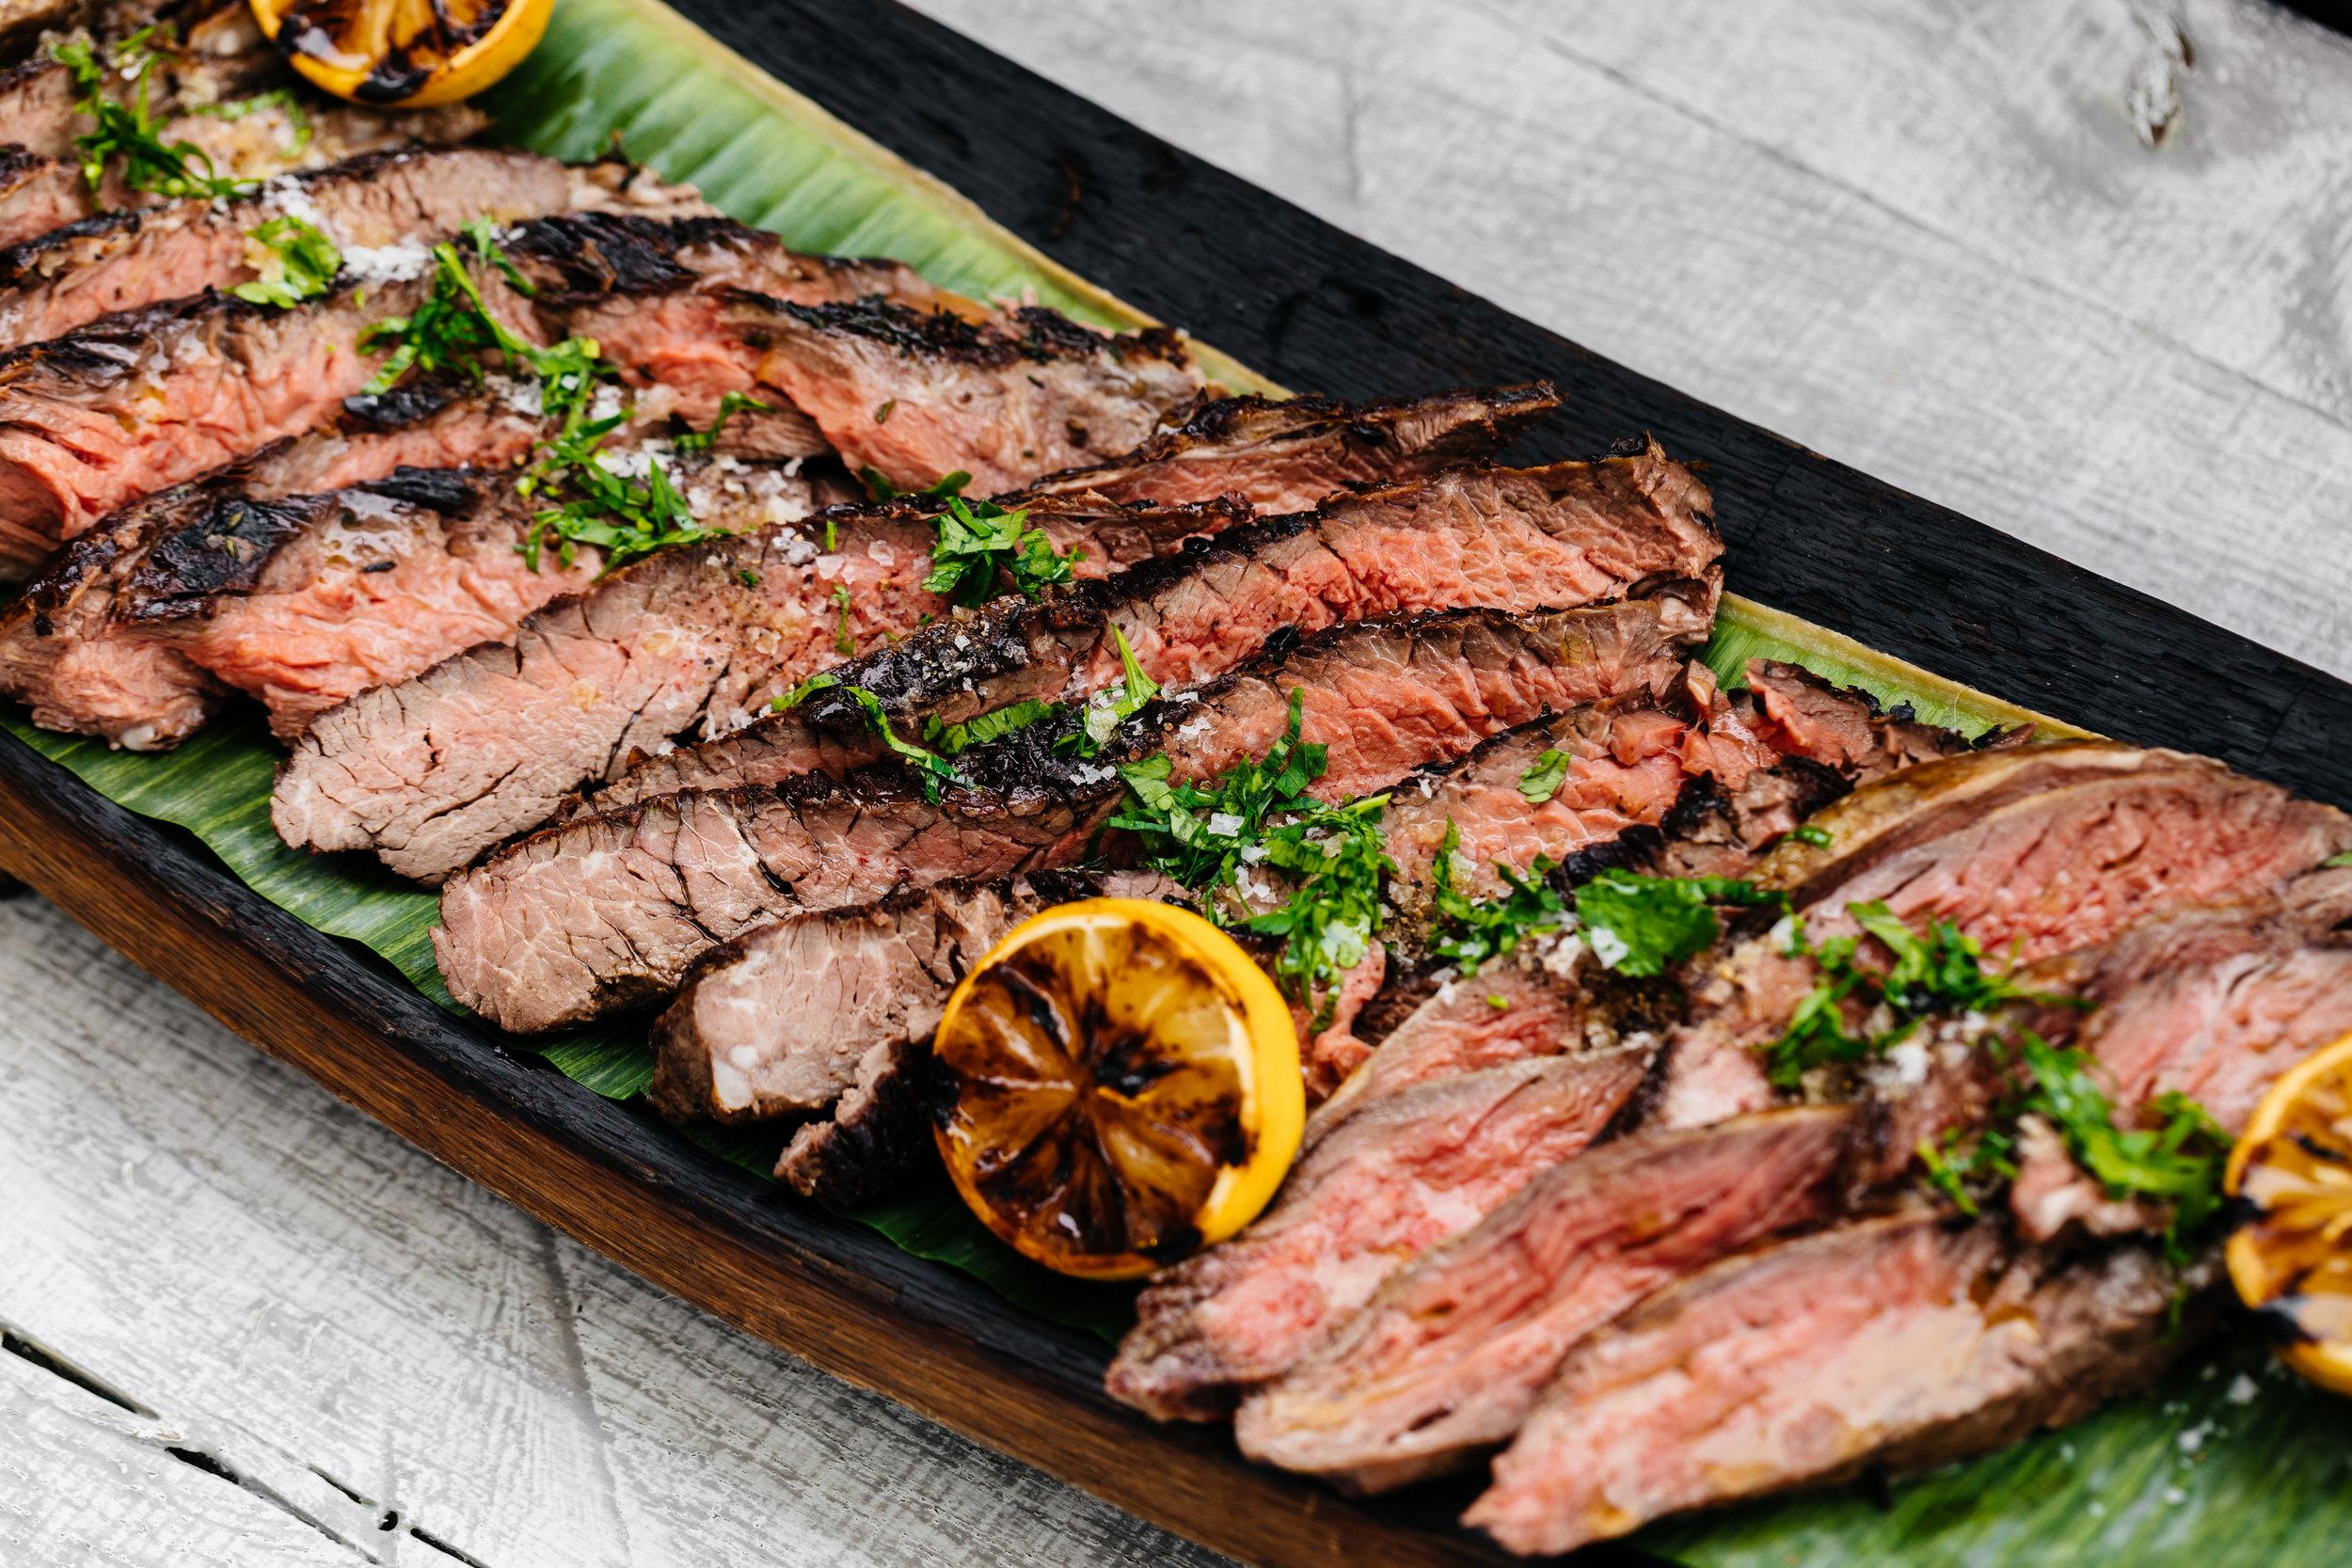 Grilled Steak Platters Starting at $195 (serves 12-15)